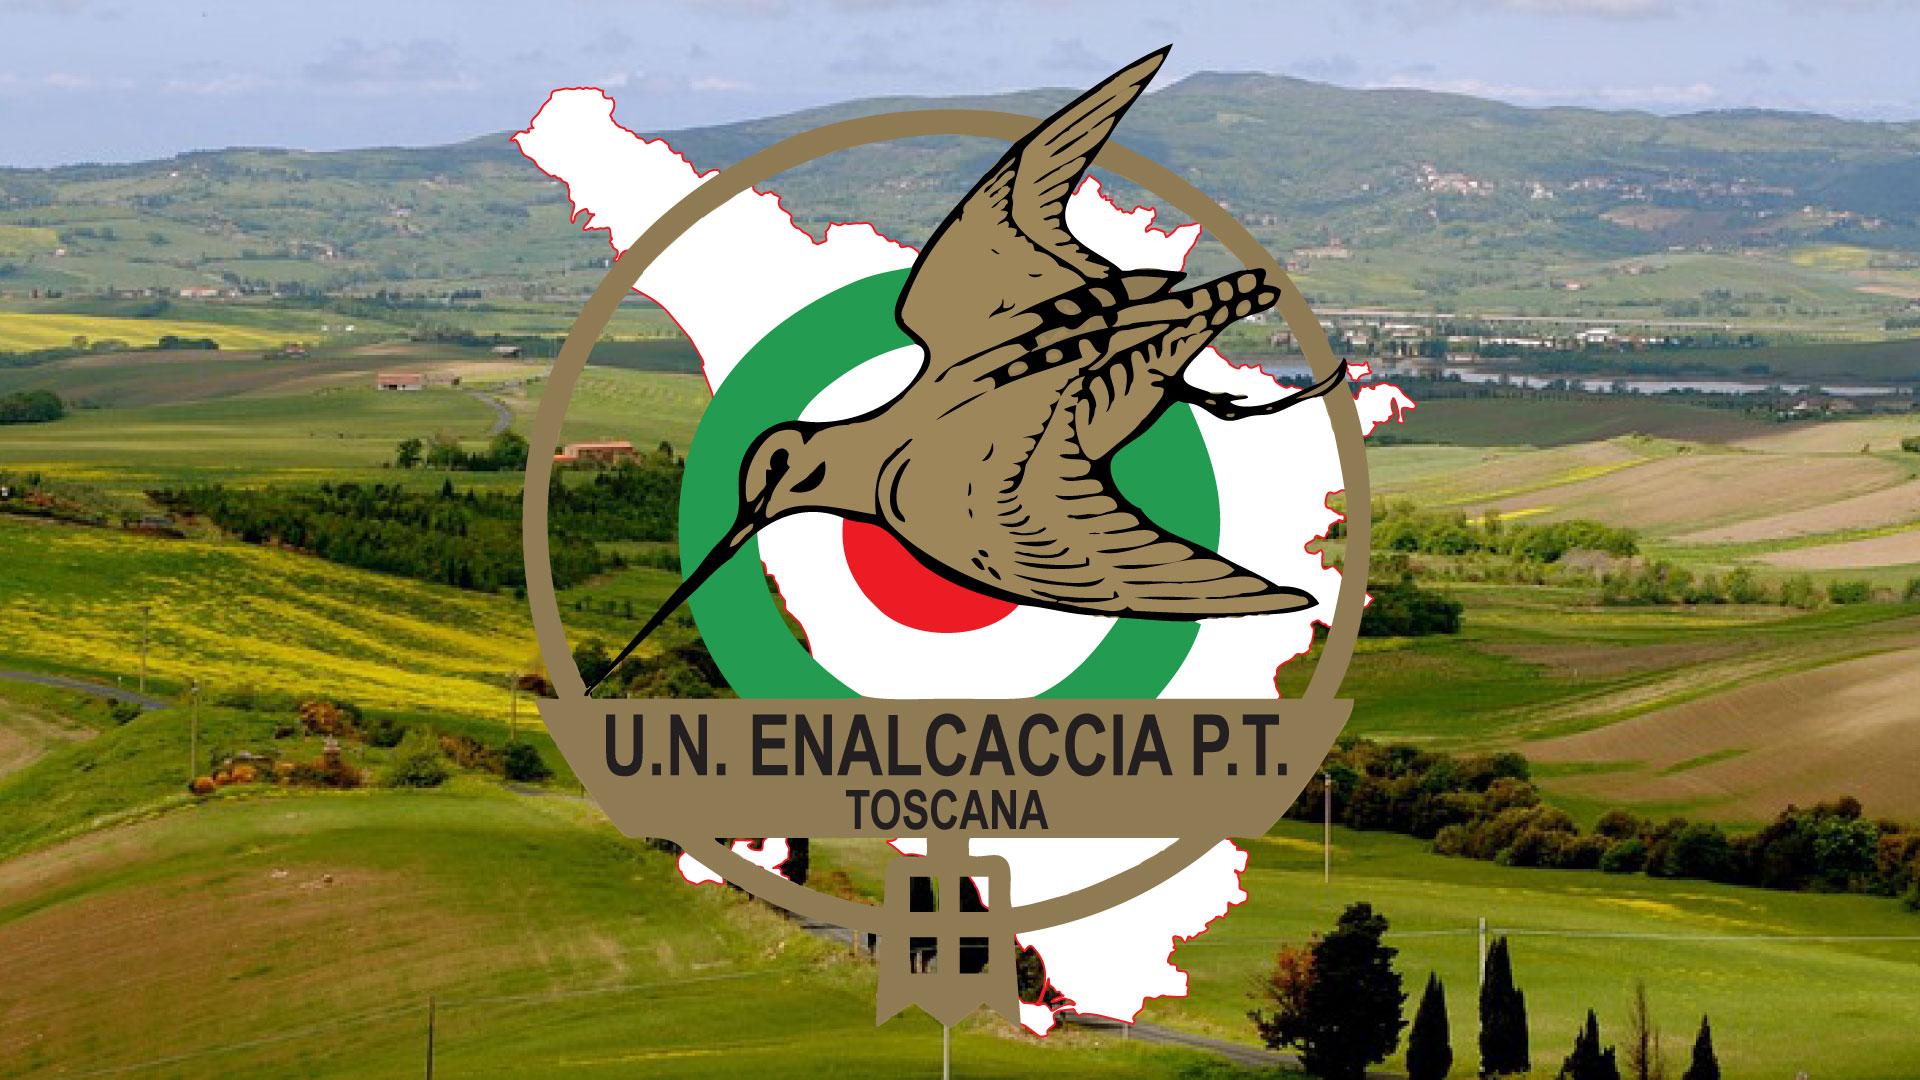 Regione Calabria Caccia E Pesca Calendario Venatorio.Caccia Poteri Sostitutivi Sui Calendari Venatori Il